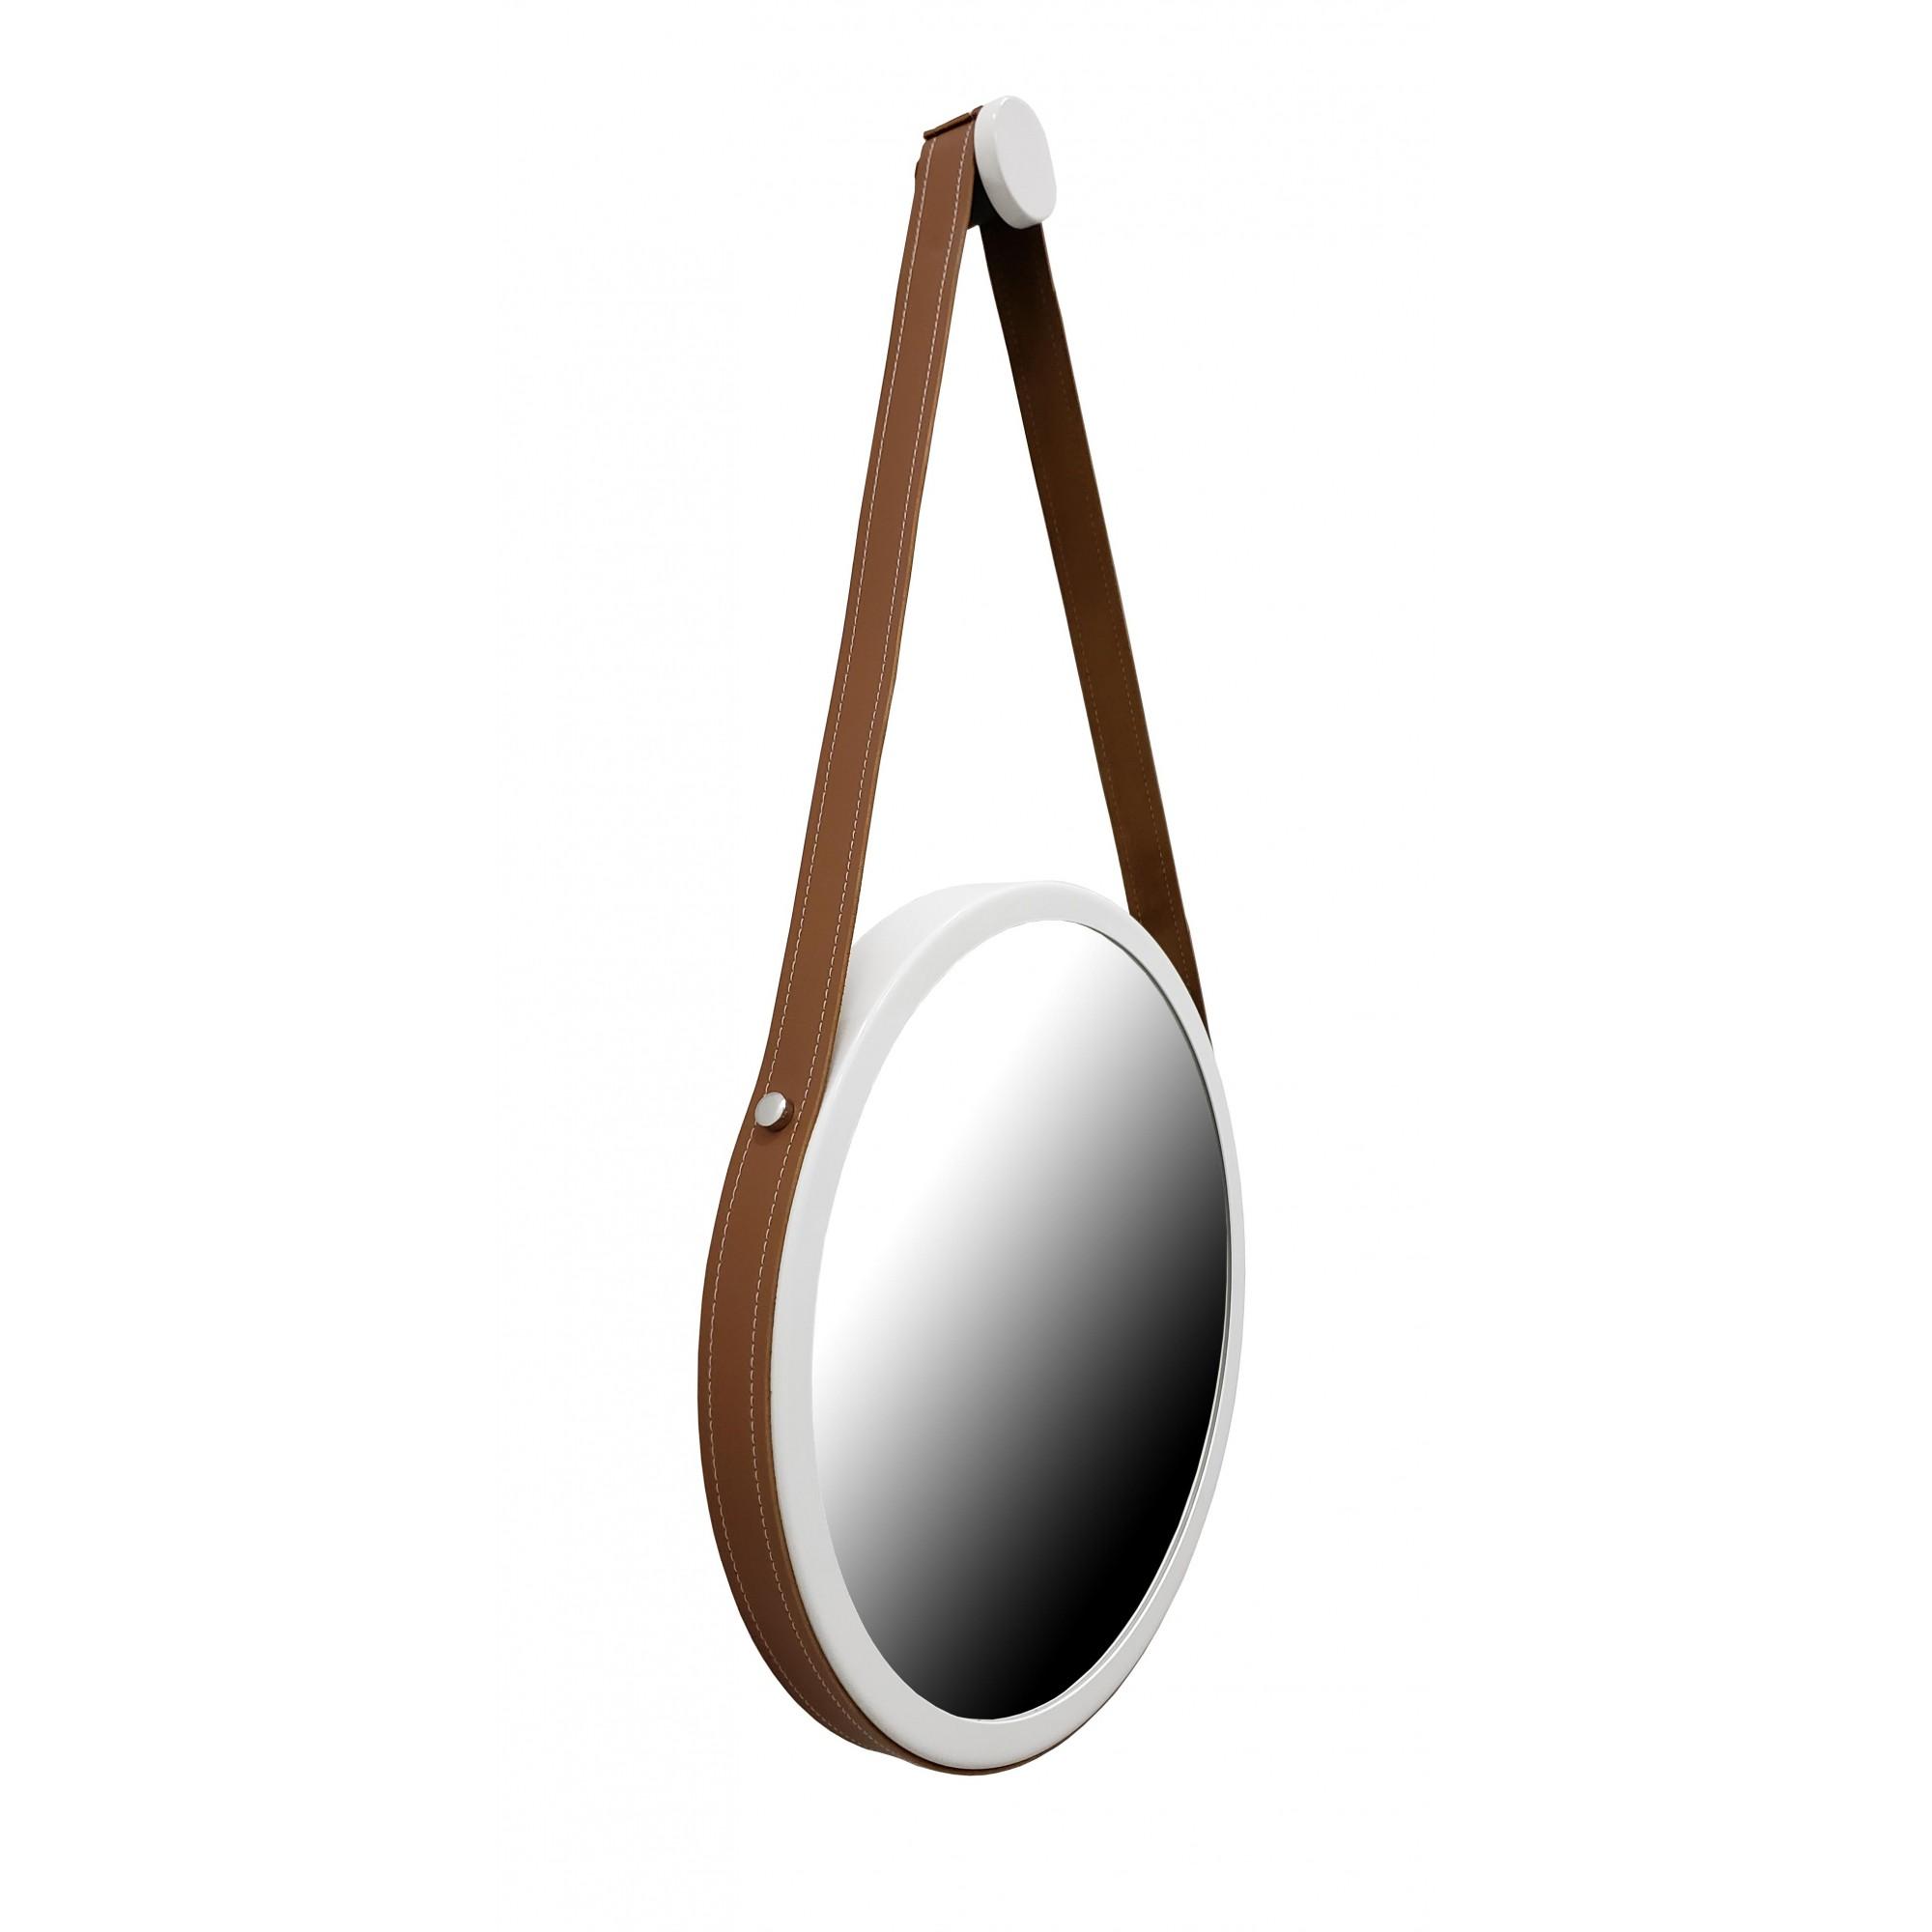 Espelho Redondo Adnet Branco Com Alça De Couro Marrom